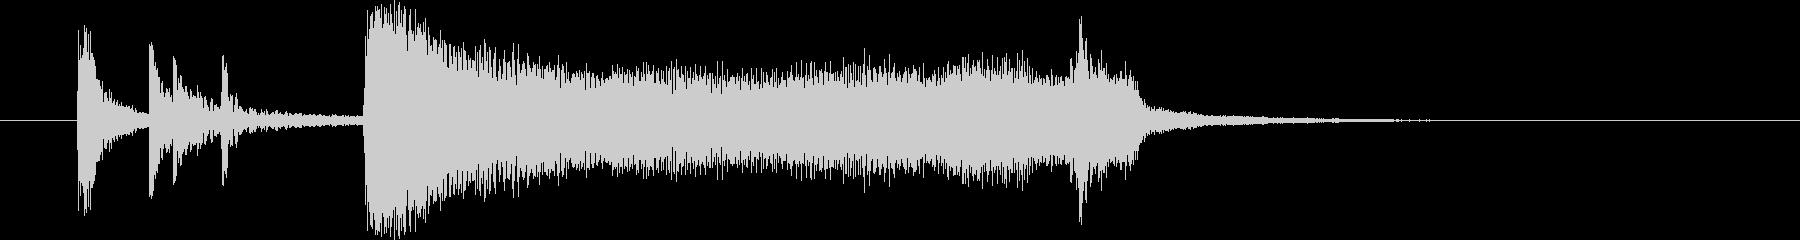 ビッグバンドサウンドのアタックです。の未再生の波形